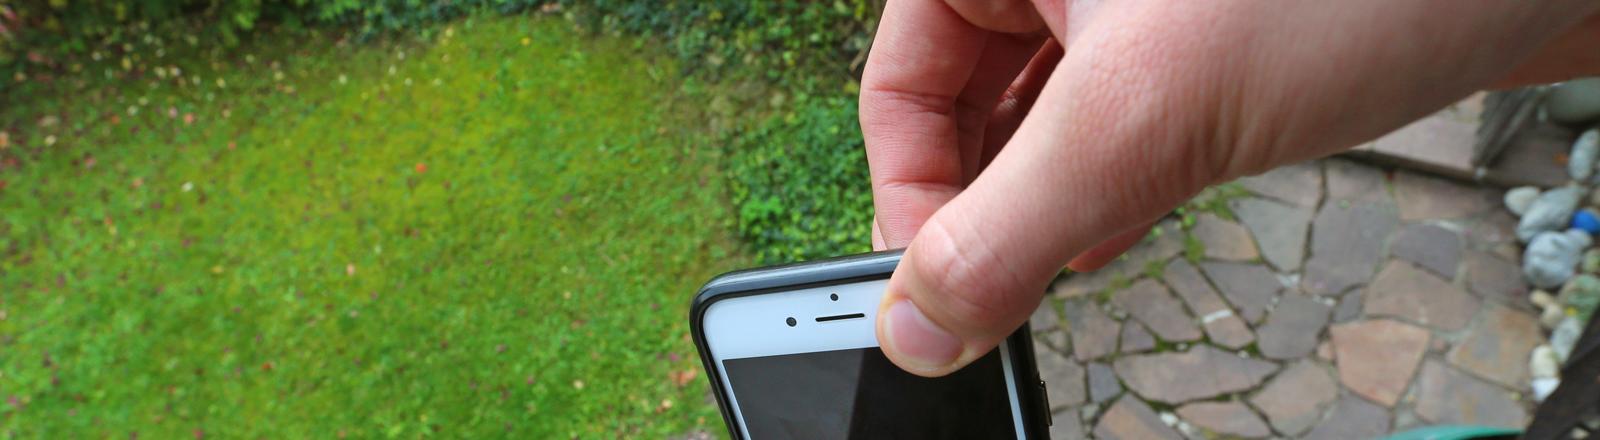 Extreme Smartphone Pinching. dpa